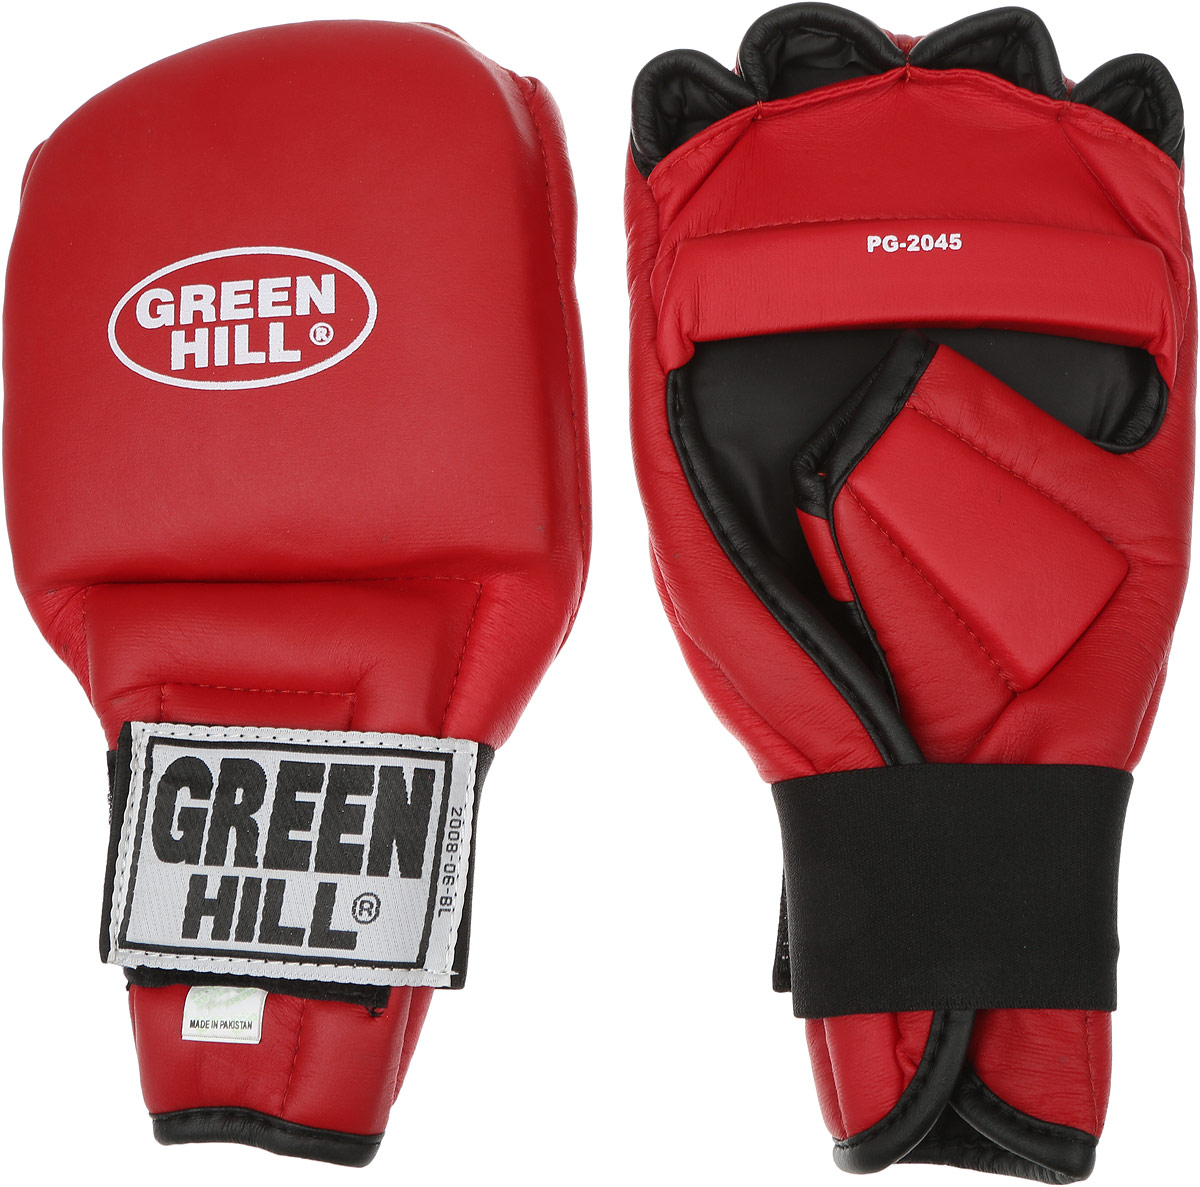 Перчатки для рукопашного боя Green Hill, цвет: красный, черный. Размер XL. PG-2045BGC-2041Перчатки для рукопашного боя Green Hill произведены из высококачественной искусственной кожи. Подойдут для занятий кунг-фу. Конструкция предусматривает открытые пальцы — необходимый атрибут для проведения захватов. Манжеты на липучках позволяют быстро снимать и надевать перчатки без каких-либо неудобств. Анатомическая посадка предохраняет руки от повреждений.